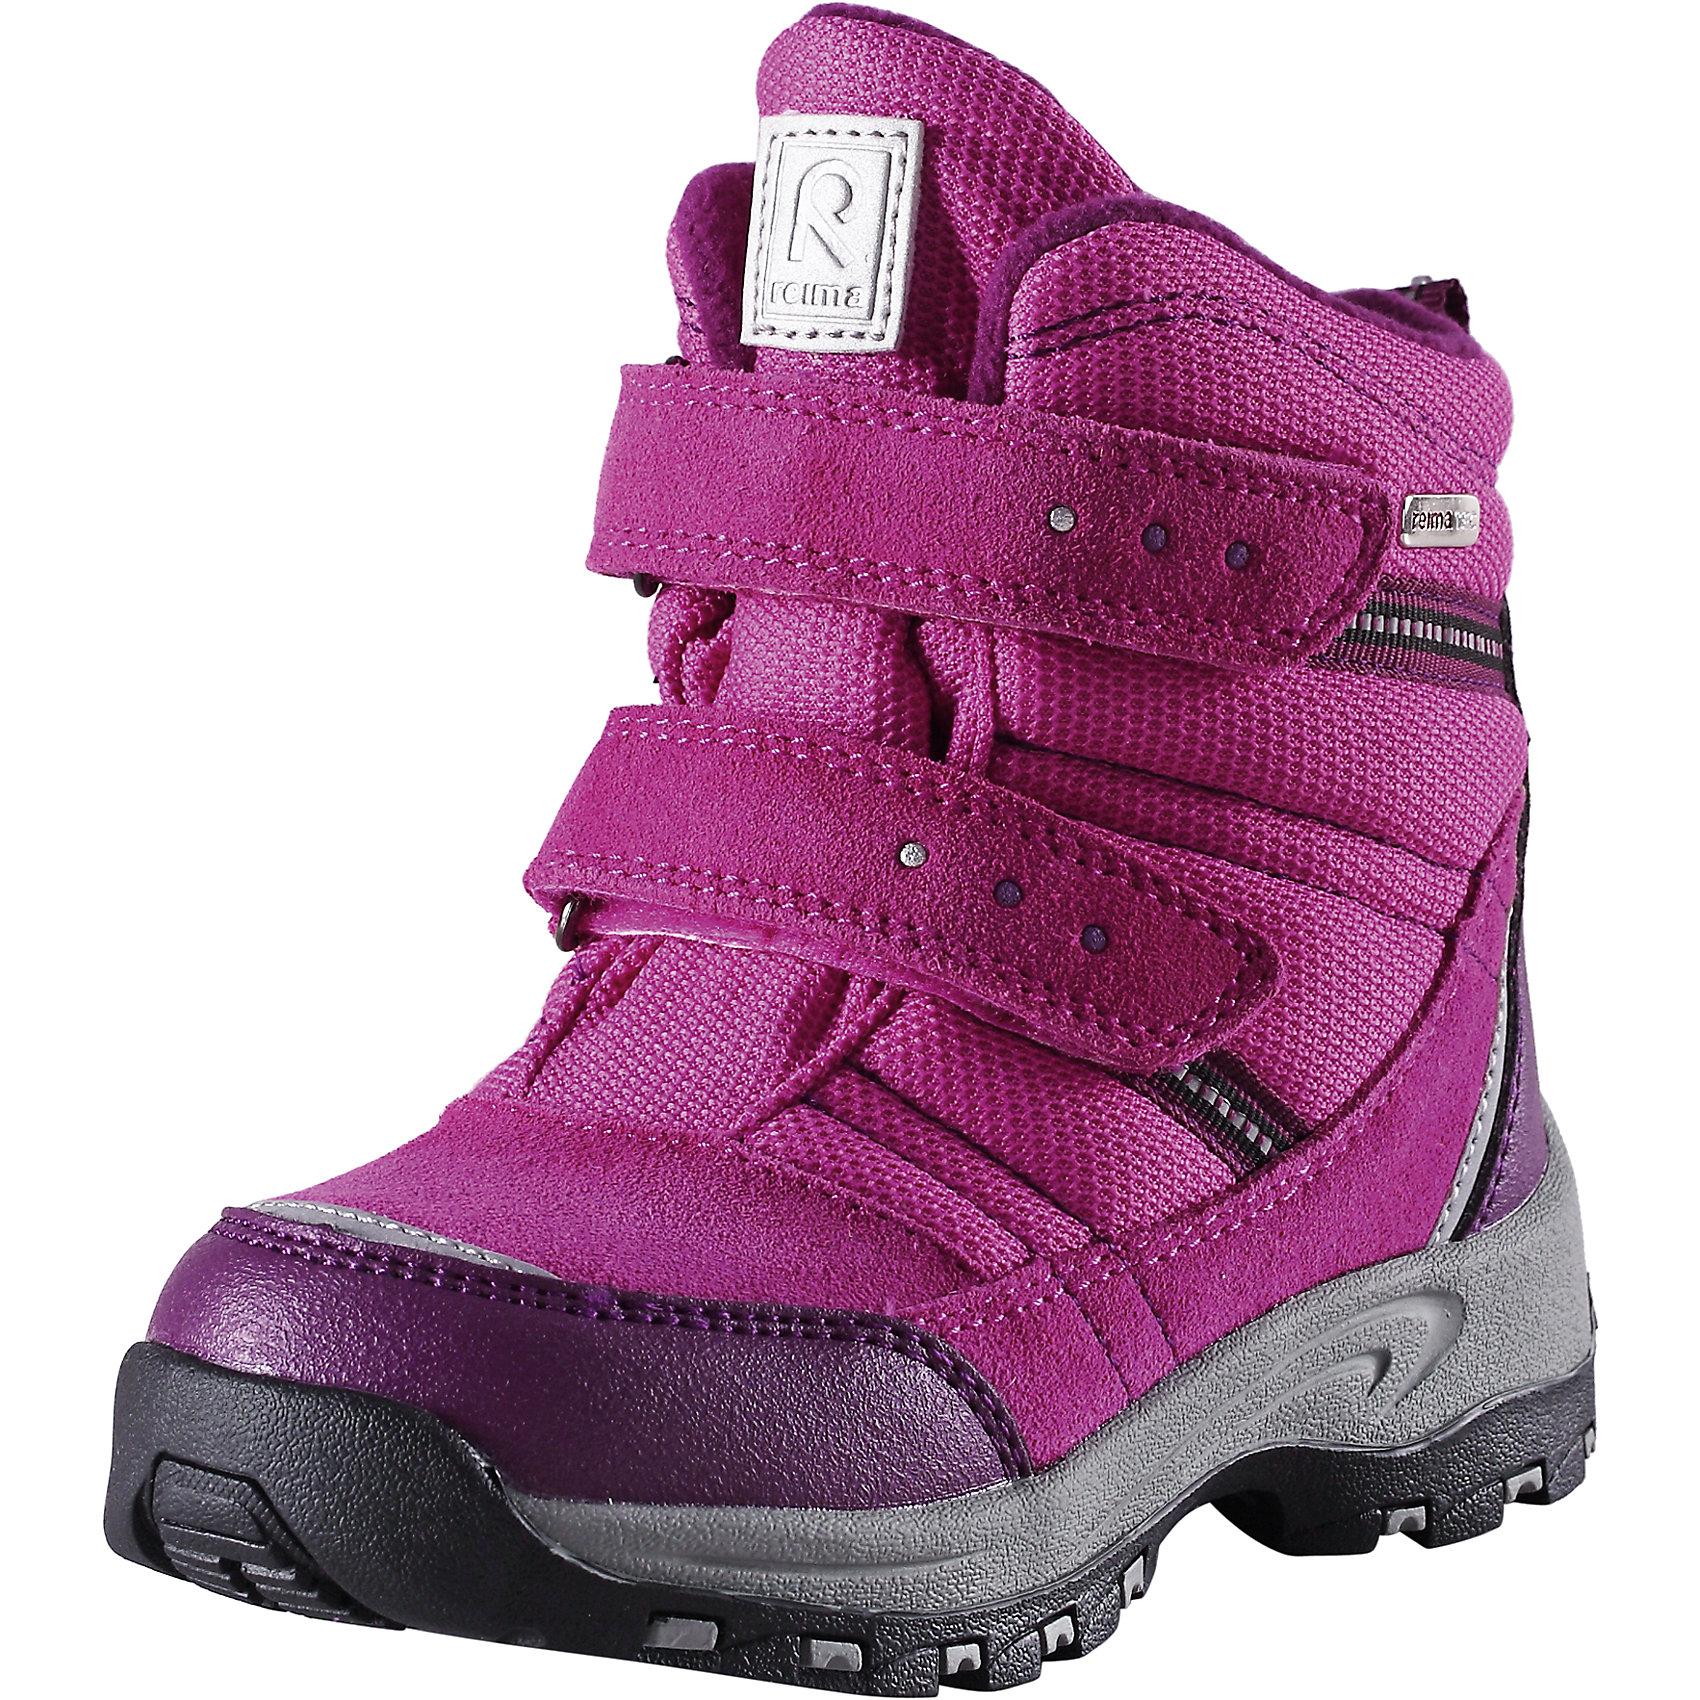 Ботинки Visby для девочки Reimatec® ReimaОбувь<br>Ботинки  Reimatec® Reima<br>Зимние сапоги для детей. Водонепроницаемая зимняя обувь. Верх из натуральной замши (из телячьей кожи), синтетического материала и текстиля. Эластичная и прочная резиновая подошва Reima® для максимальной устойчивости. Водонепроницаемая конструкция с герметичными вставками и подкладкой из искусственного меха. Подкладка из искусственного меха. Съемные стельки из войлока с рисунком Happy Fit, который помогает определить размер. Простая застежка на липучке, имеющая две точки крепления. Светоотражающие детали.<br>Уход:<br>Храните обувь в вертикальном положении при комнатной температуре. Сушить обувь всегда следует при комнатной температуре: вынув съемные стельки. Стельки следует время от времени заменять на новые. Налипшую грязь можно счищать щеткой или влажной тряпкой. Перед использованием обувь рекомендуется обрабатывать специальными защитными средствами.<br>Состав:<br>Подошва: 100% резина, Верх: 60% ПЭ, 20% ПУ, 20% Кожа<br><br>Ширина мм: 262<br>Глубина мм: 176<br>Высота мм: 97<br>Вес г: 427<br>Цвет: розовый<br>Возраст от месяцев: 84<br>Возраст до месяцев: 96<br>Пол: Женский<br>Возраст: Детский<br>Размер: 31,34,33,28,25,32,24,26,35,30,29,27<br>SKU: 4776905